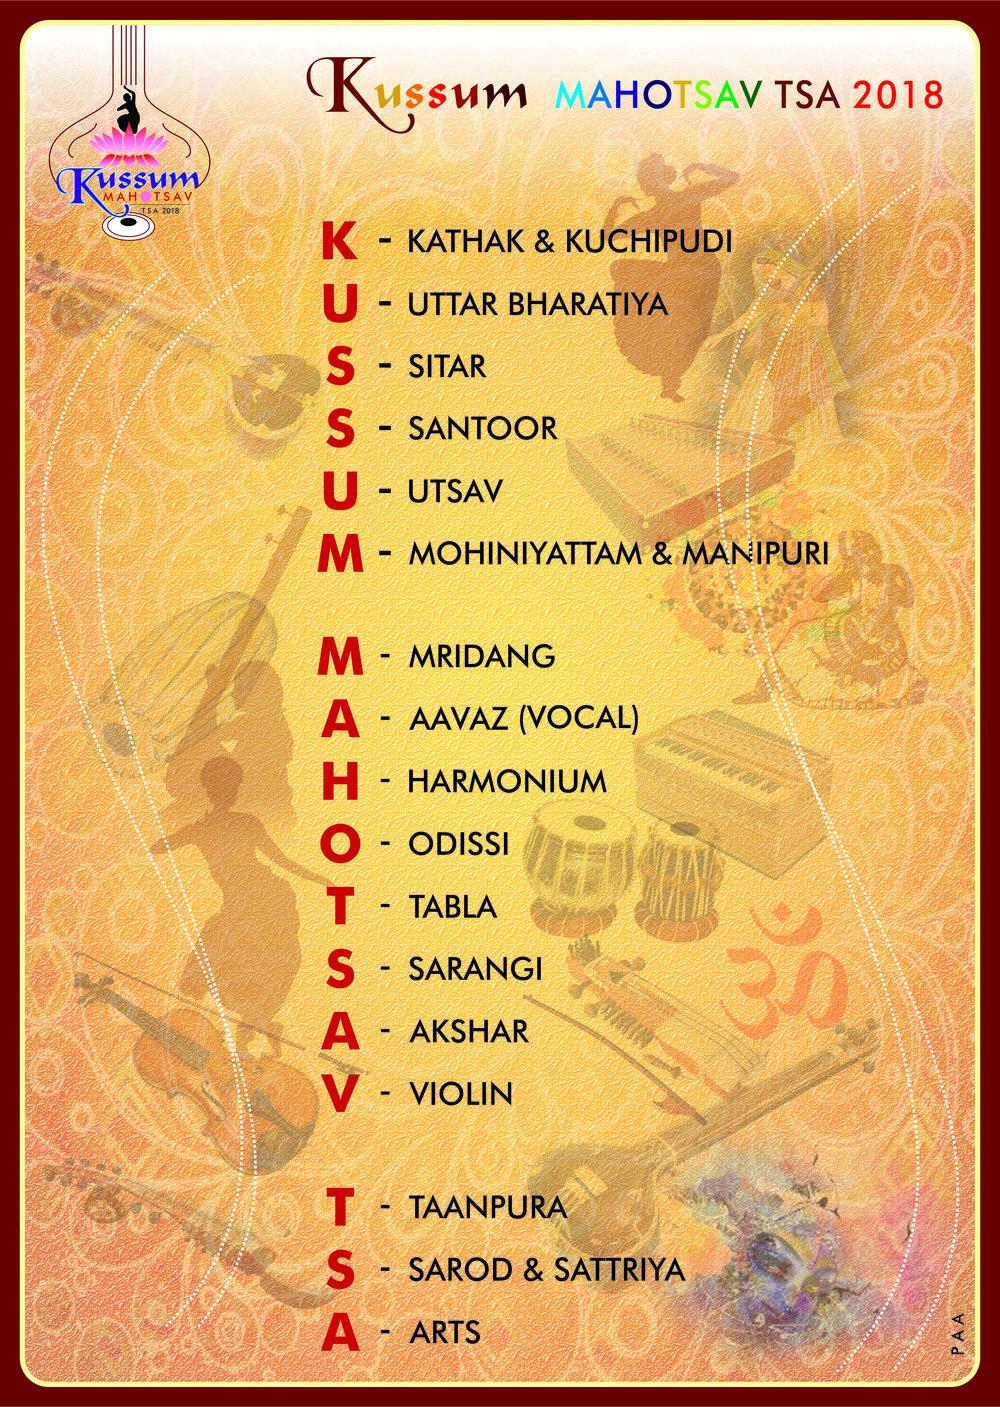 KUSSUM MAHOTSAV - A4 Page.jpg